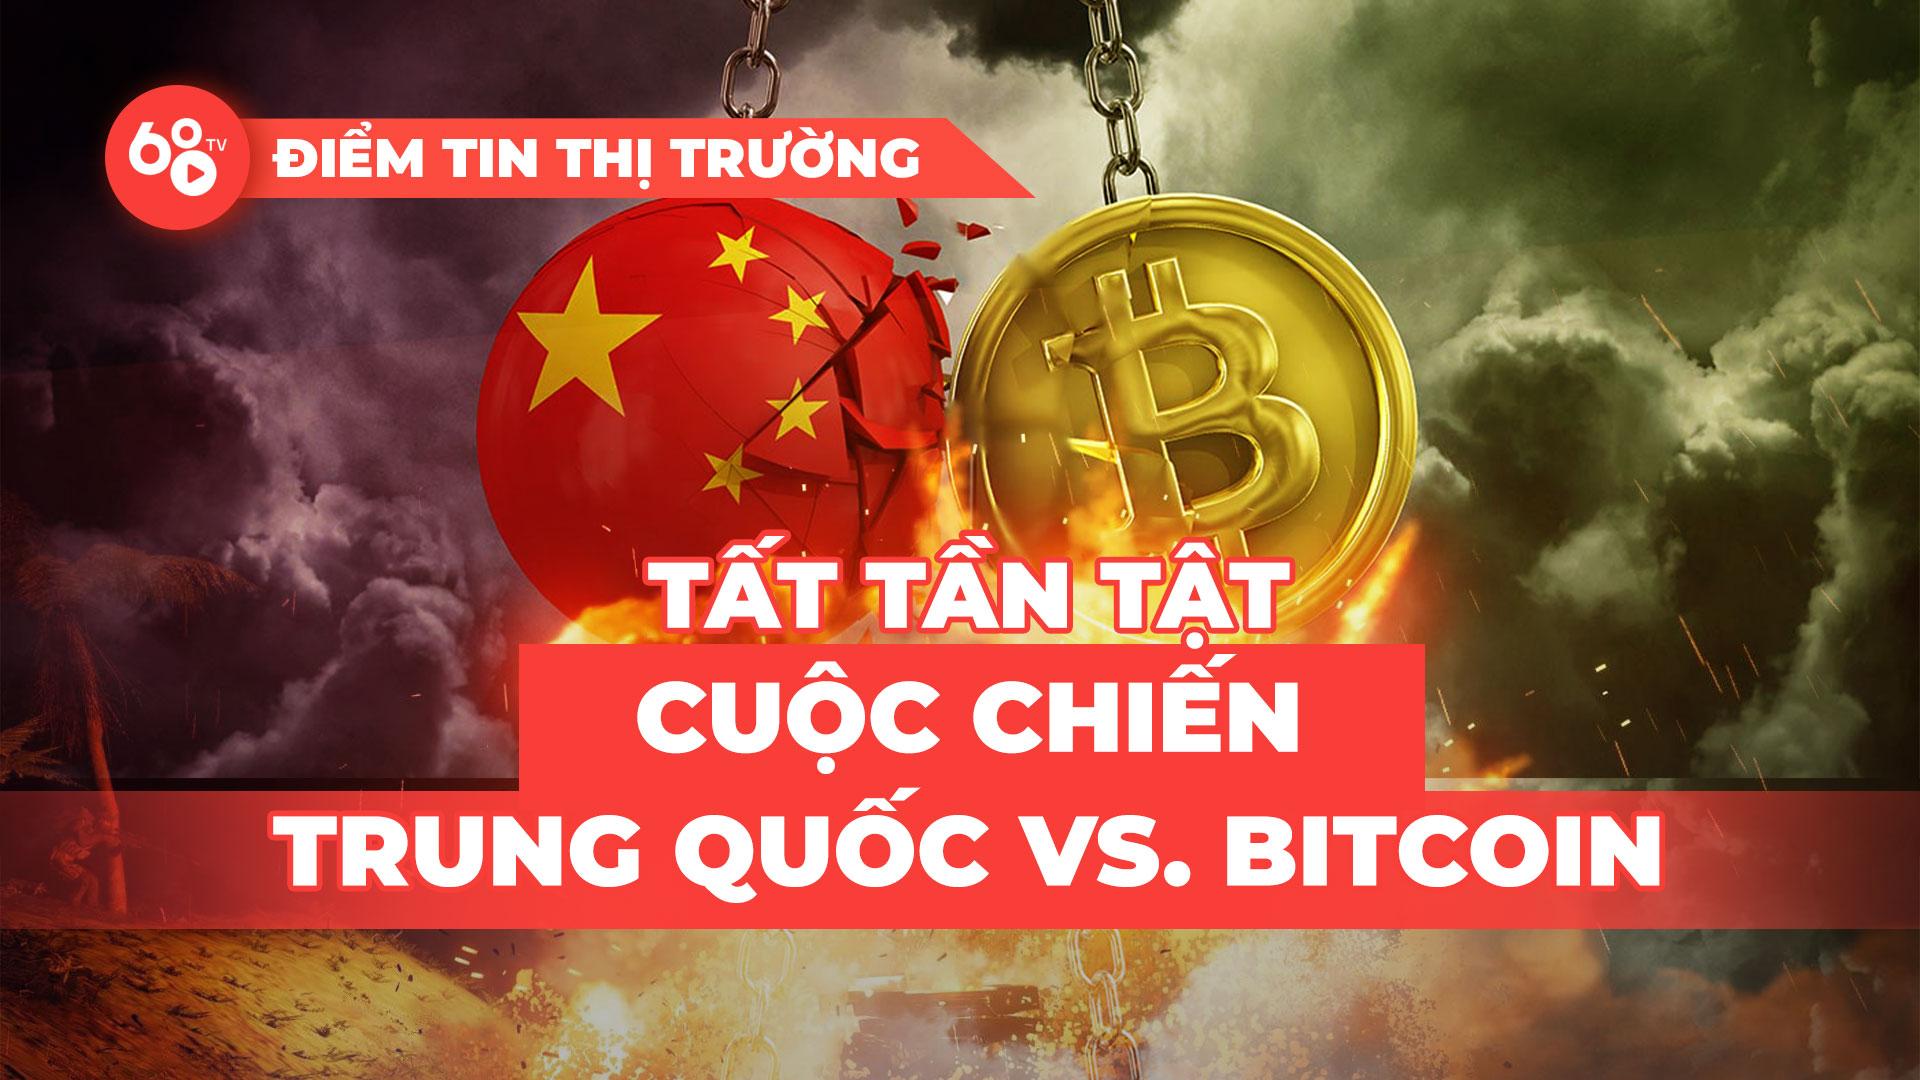 Toàn cảnh drama Trung Quốc cấm Bitcoin – Cuộc chiến dai dẳng hơn 1 thập kỷ